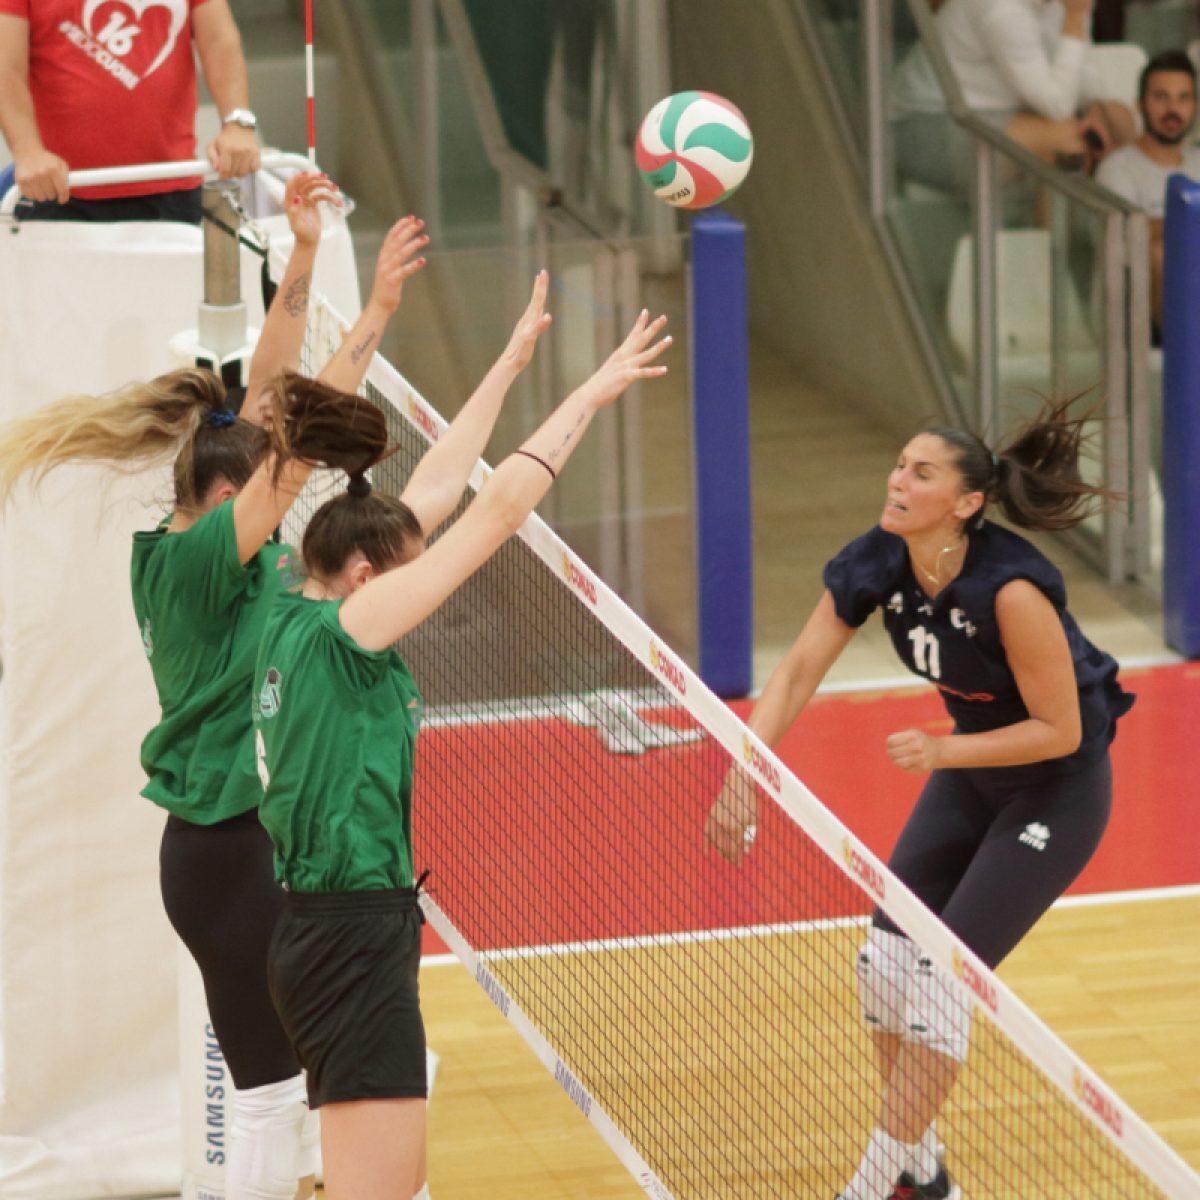 Volley, Teodora gratis per i partecipanti alla maratona di Ravenna